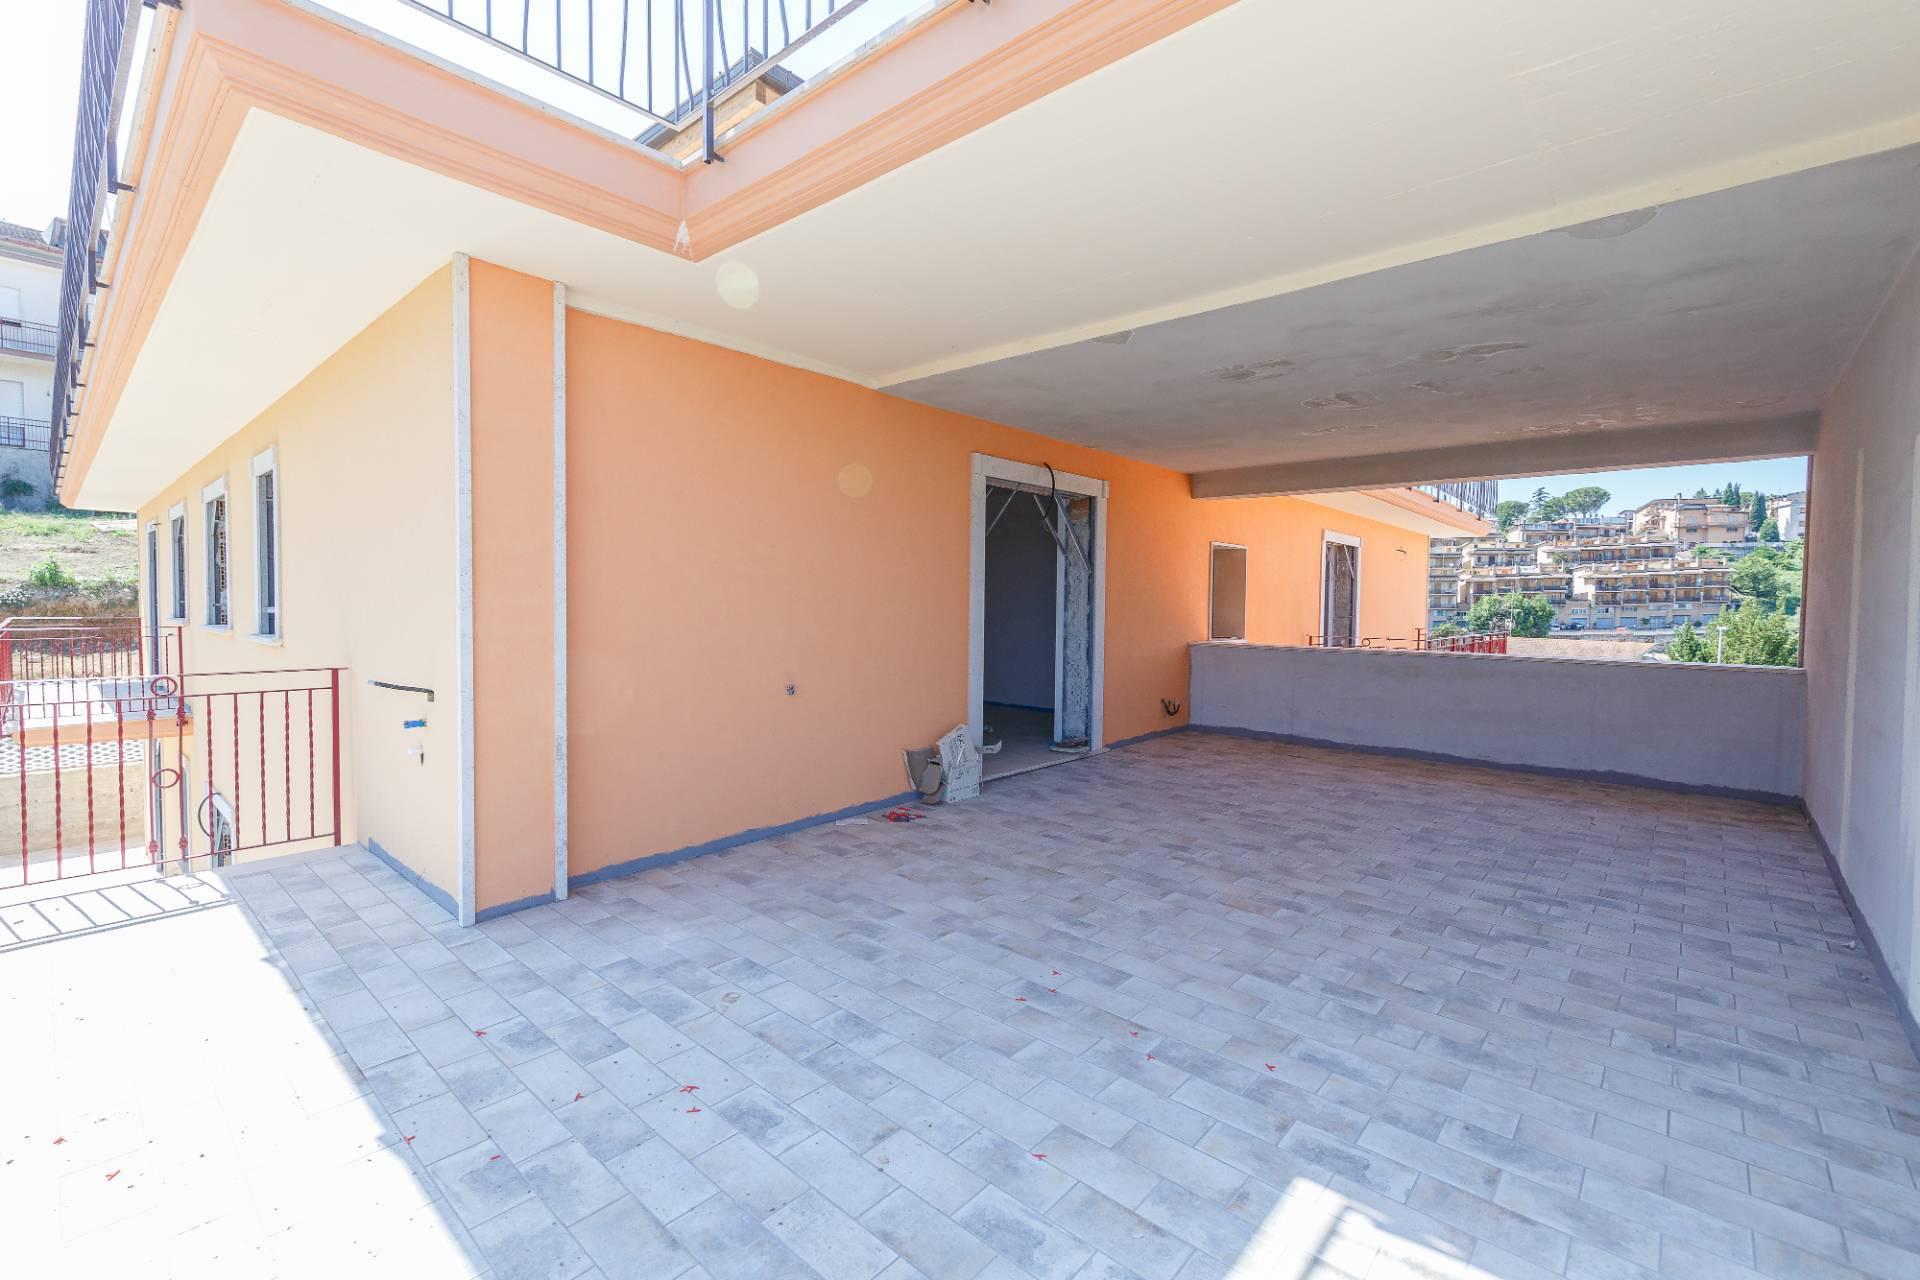 Attico / Mansarda in vendita a Monterotondo, 4 locali, zona Località: MonterotondoPaese, prezzo € 325.000   PortaleAgenzieImmobiliari.it